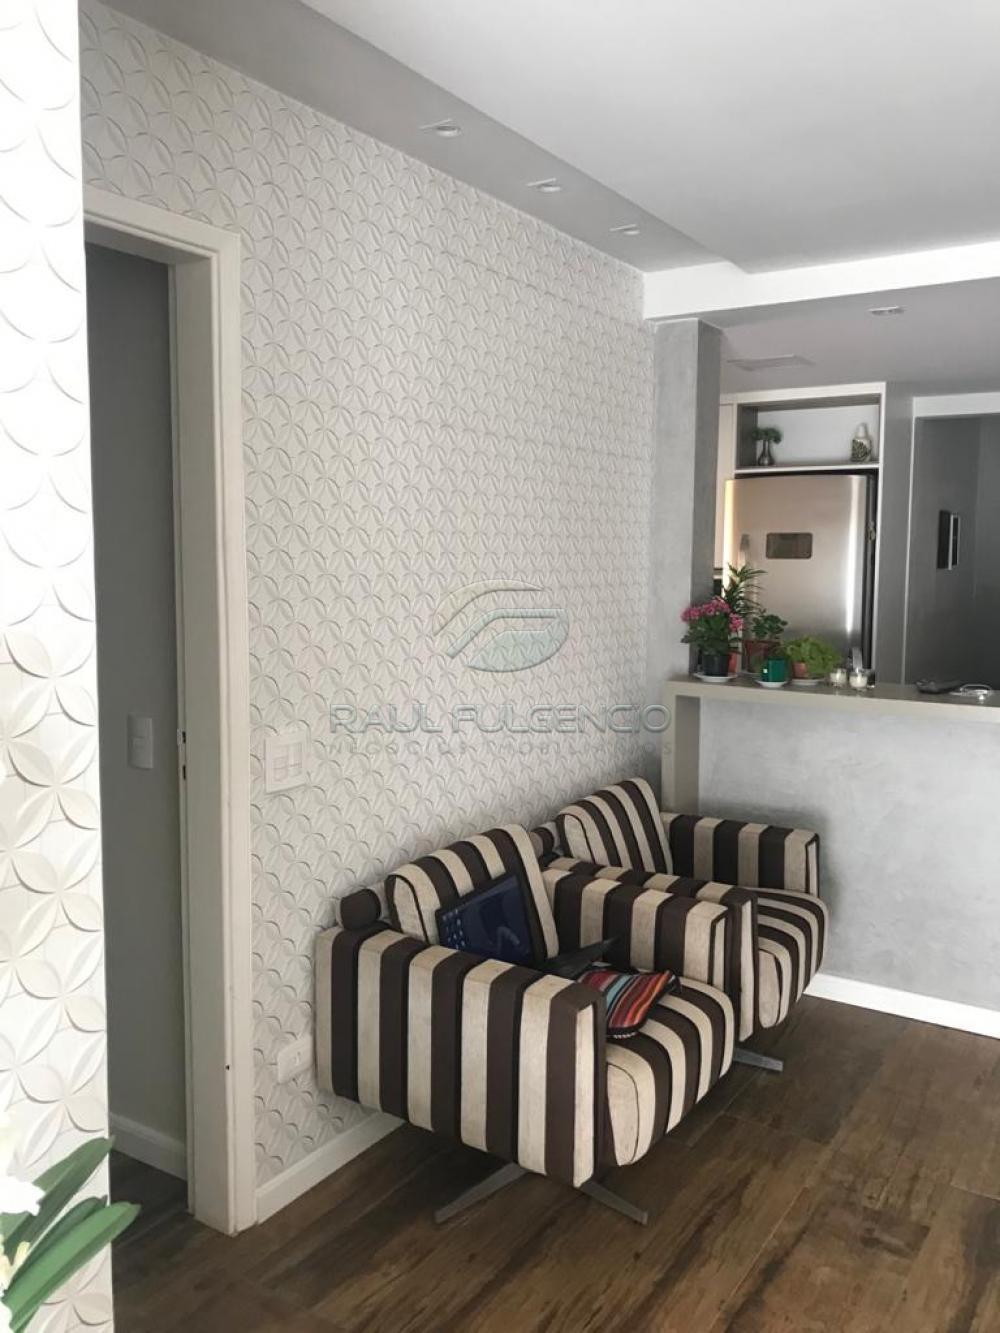 Comprar Apartamento / Padrão em Londrina apenas R$ 450.000,00 - Foto 4